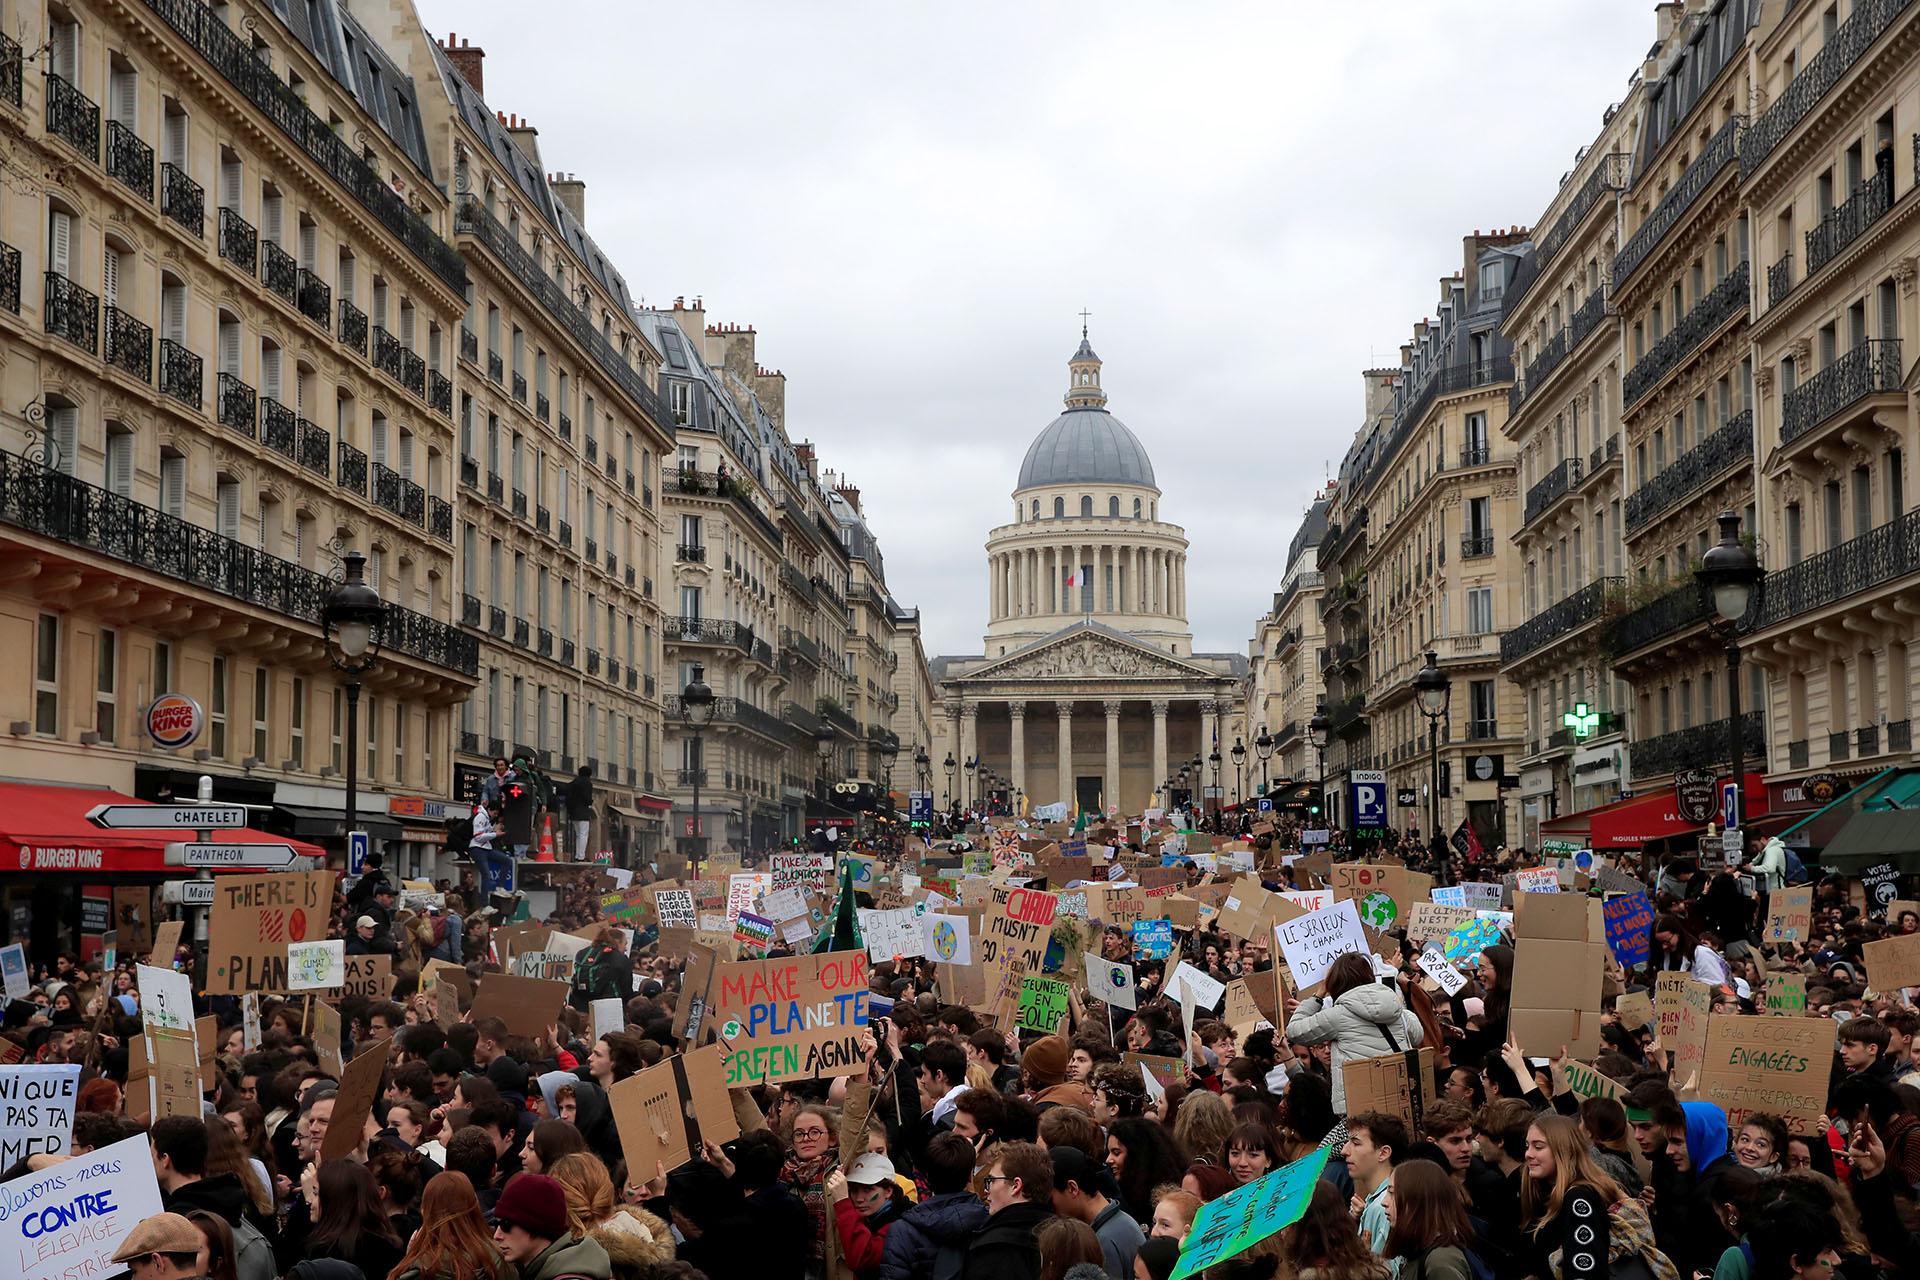 Estudiantes franceses salieron a las calles de para sumarse al #FridaysForFuture reclamando acciones contra el cambio climático